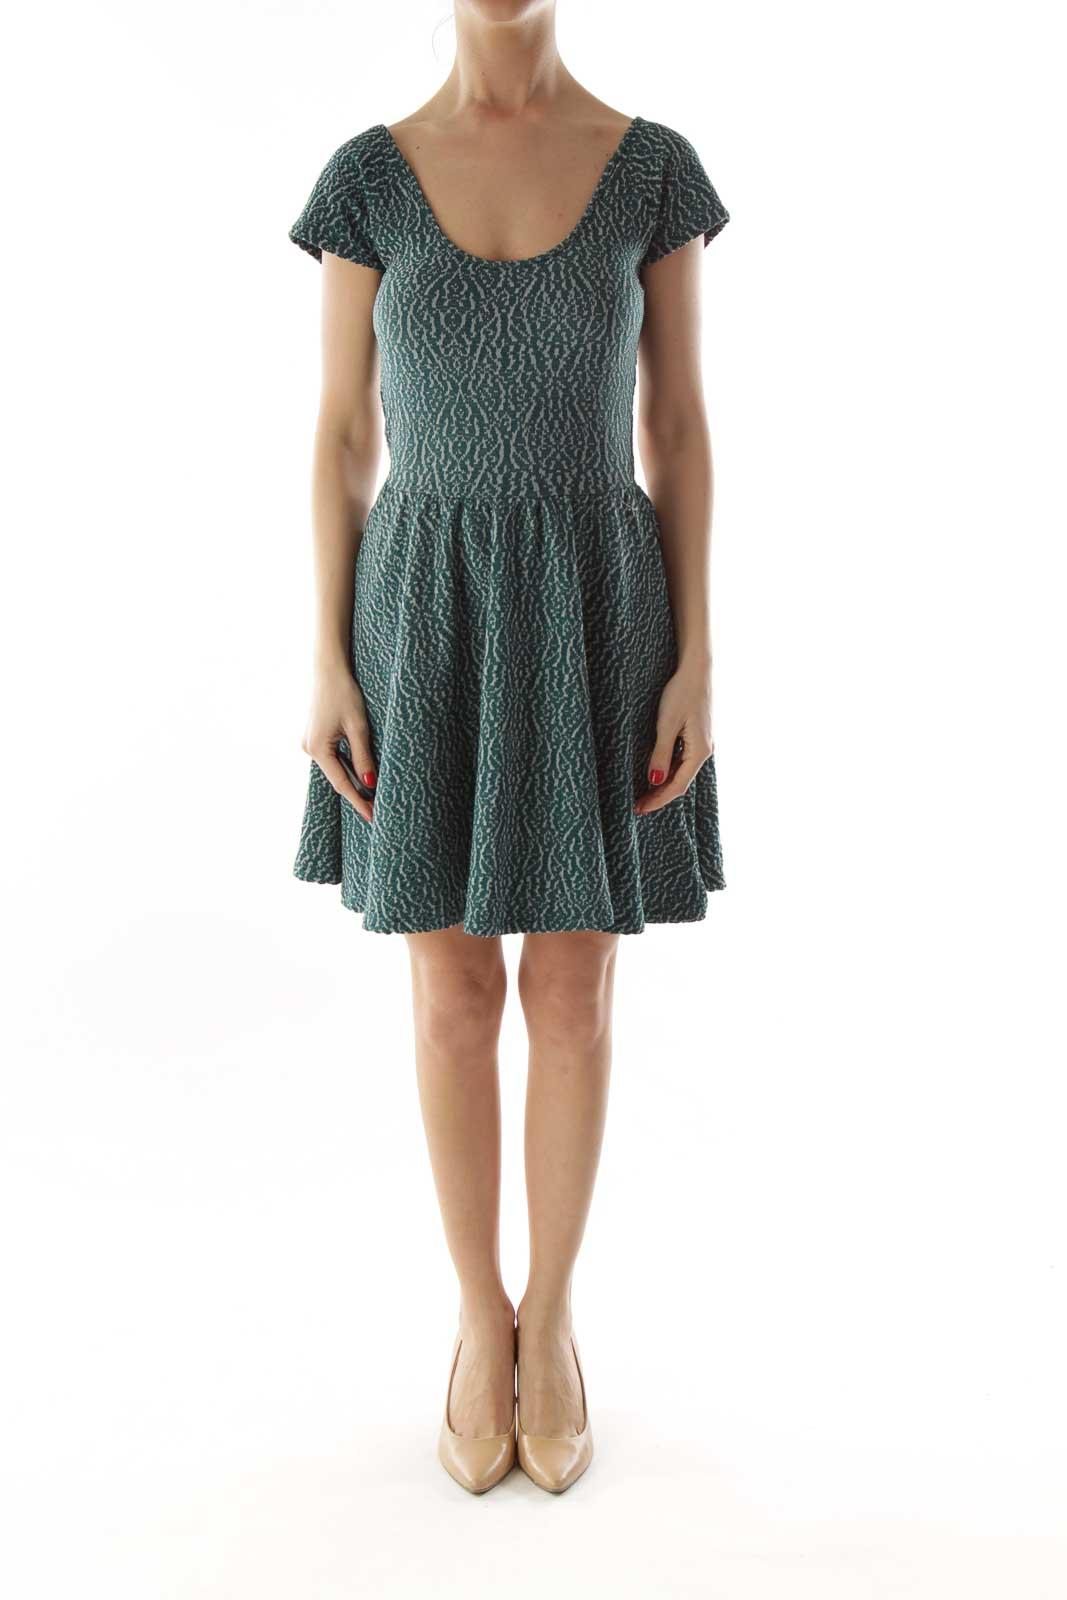 Green Textured A-Line Dress